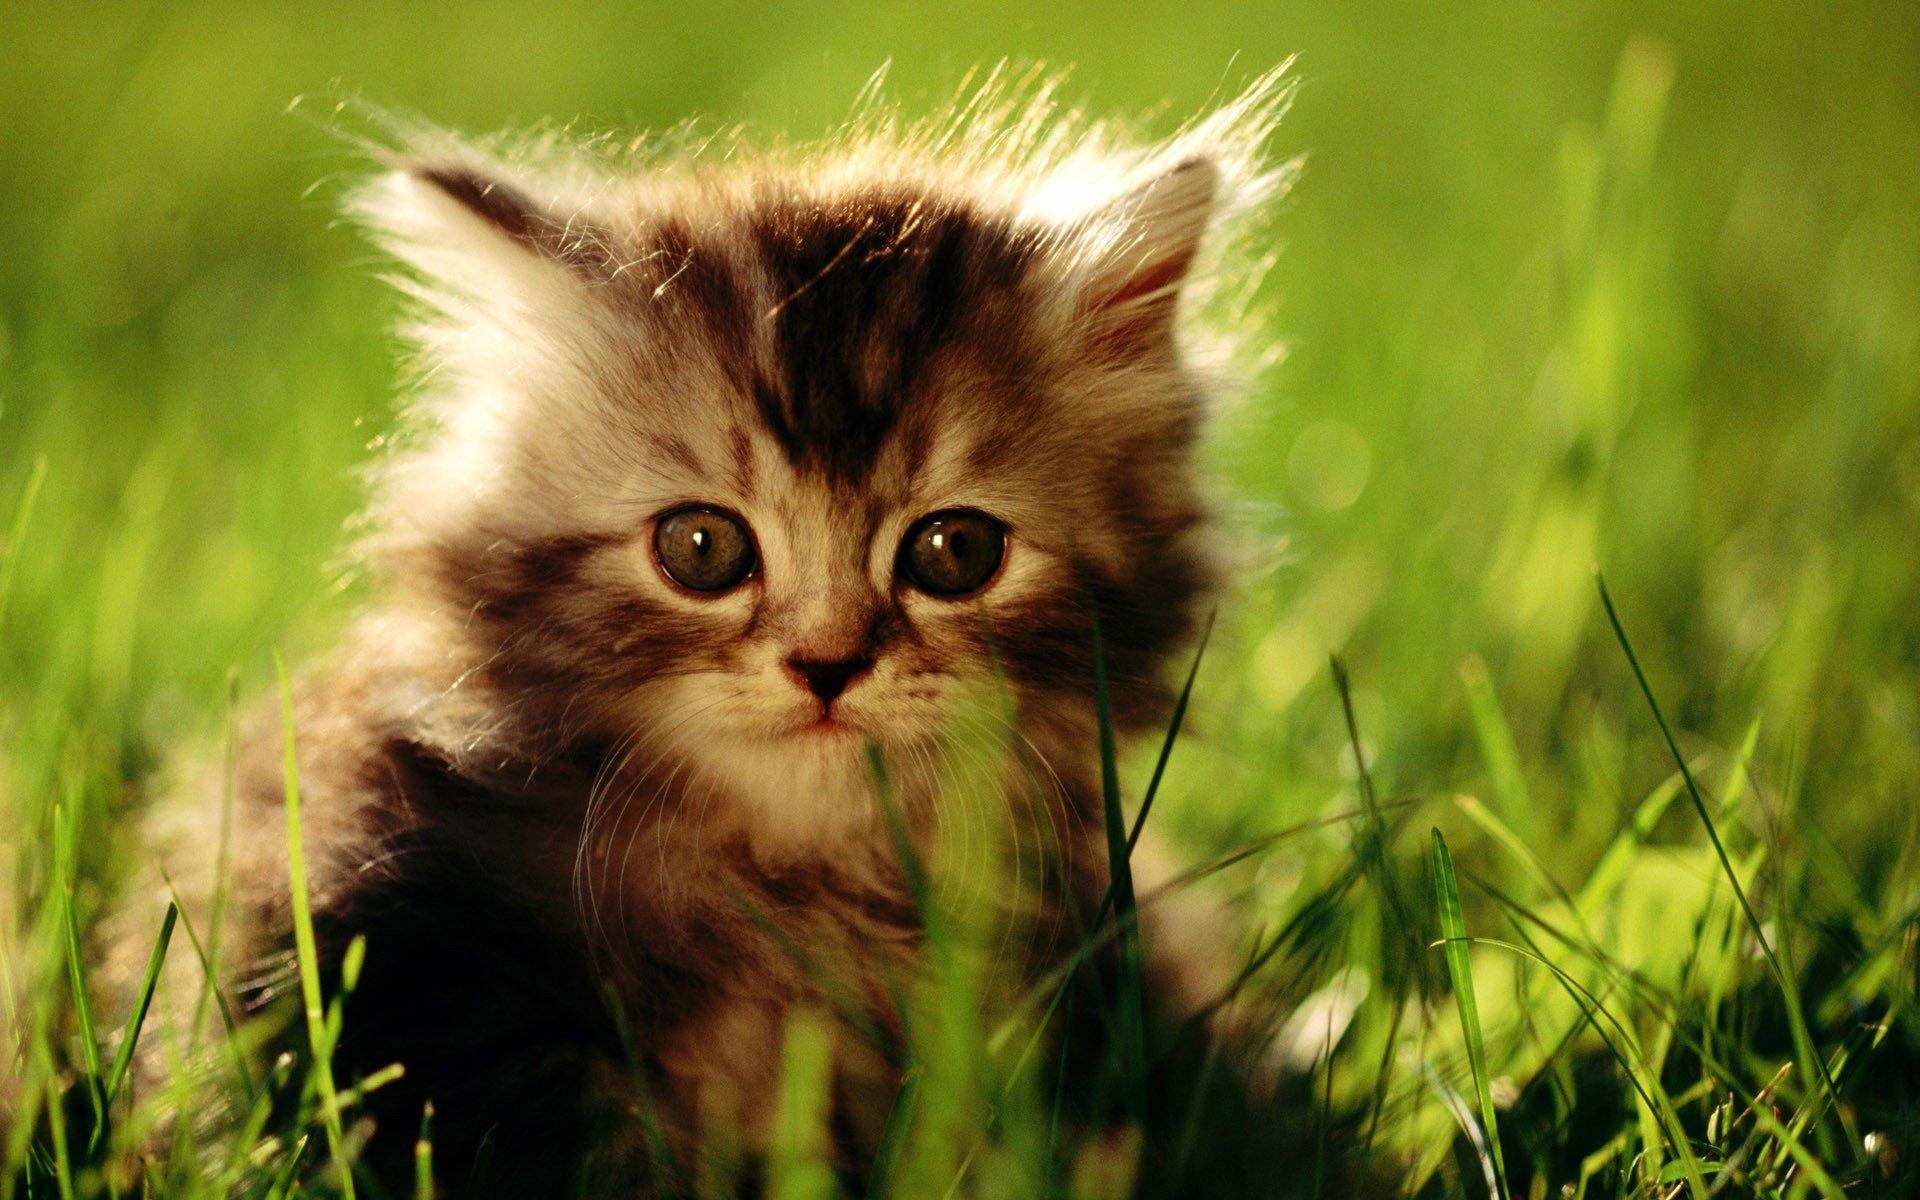 Котенок на траве  № 2959623 загрузить